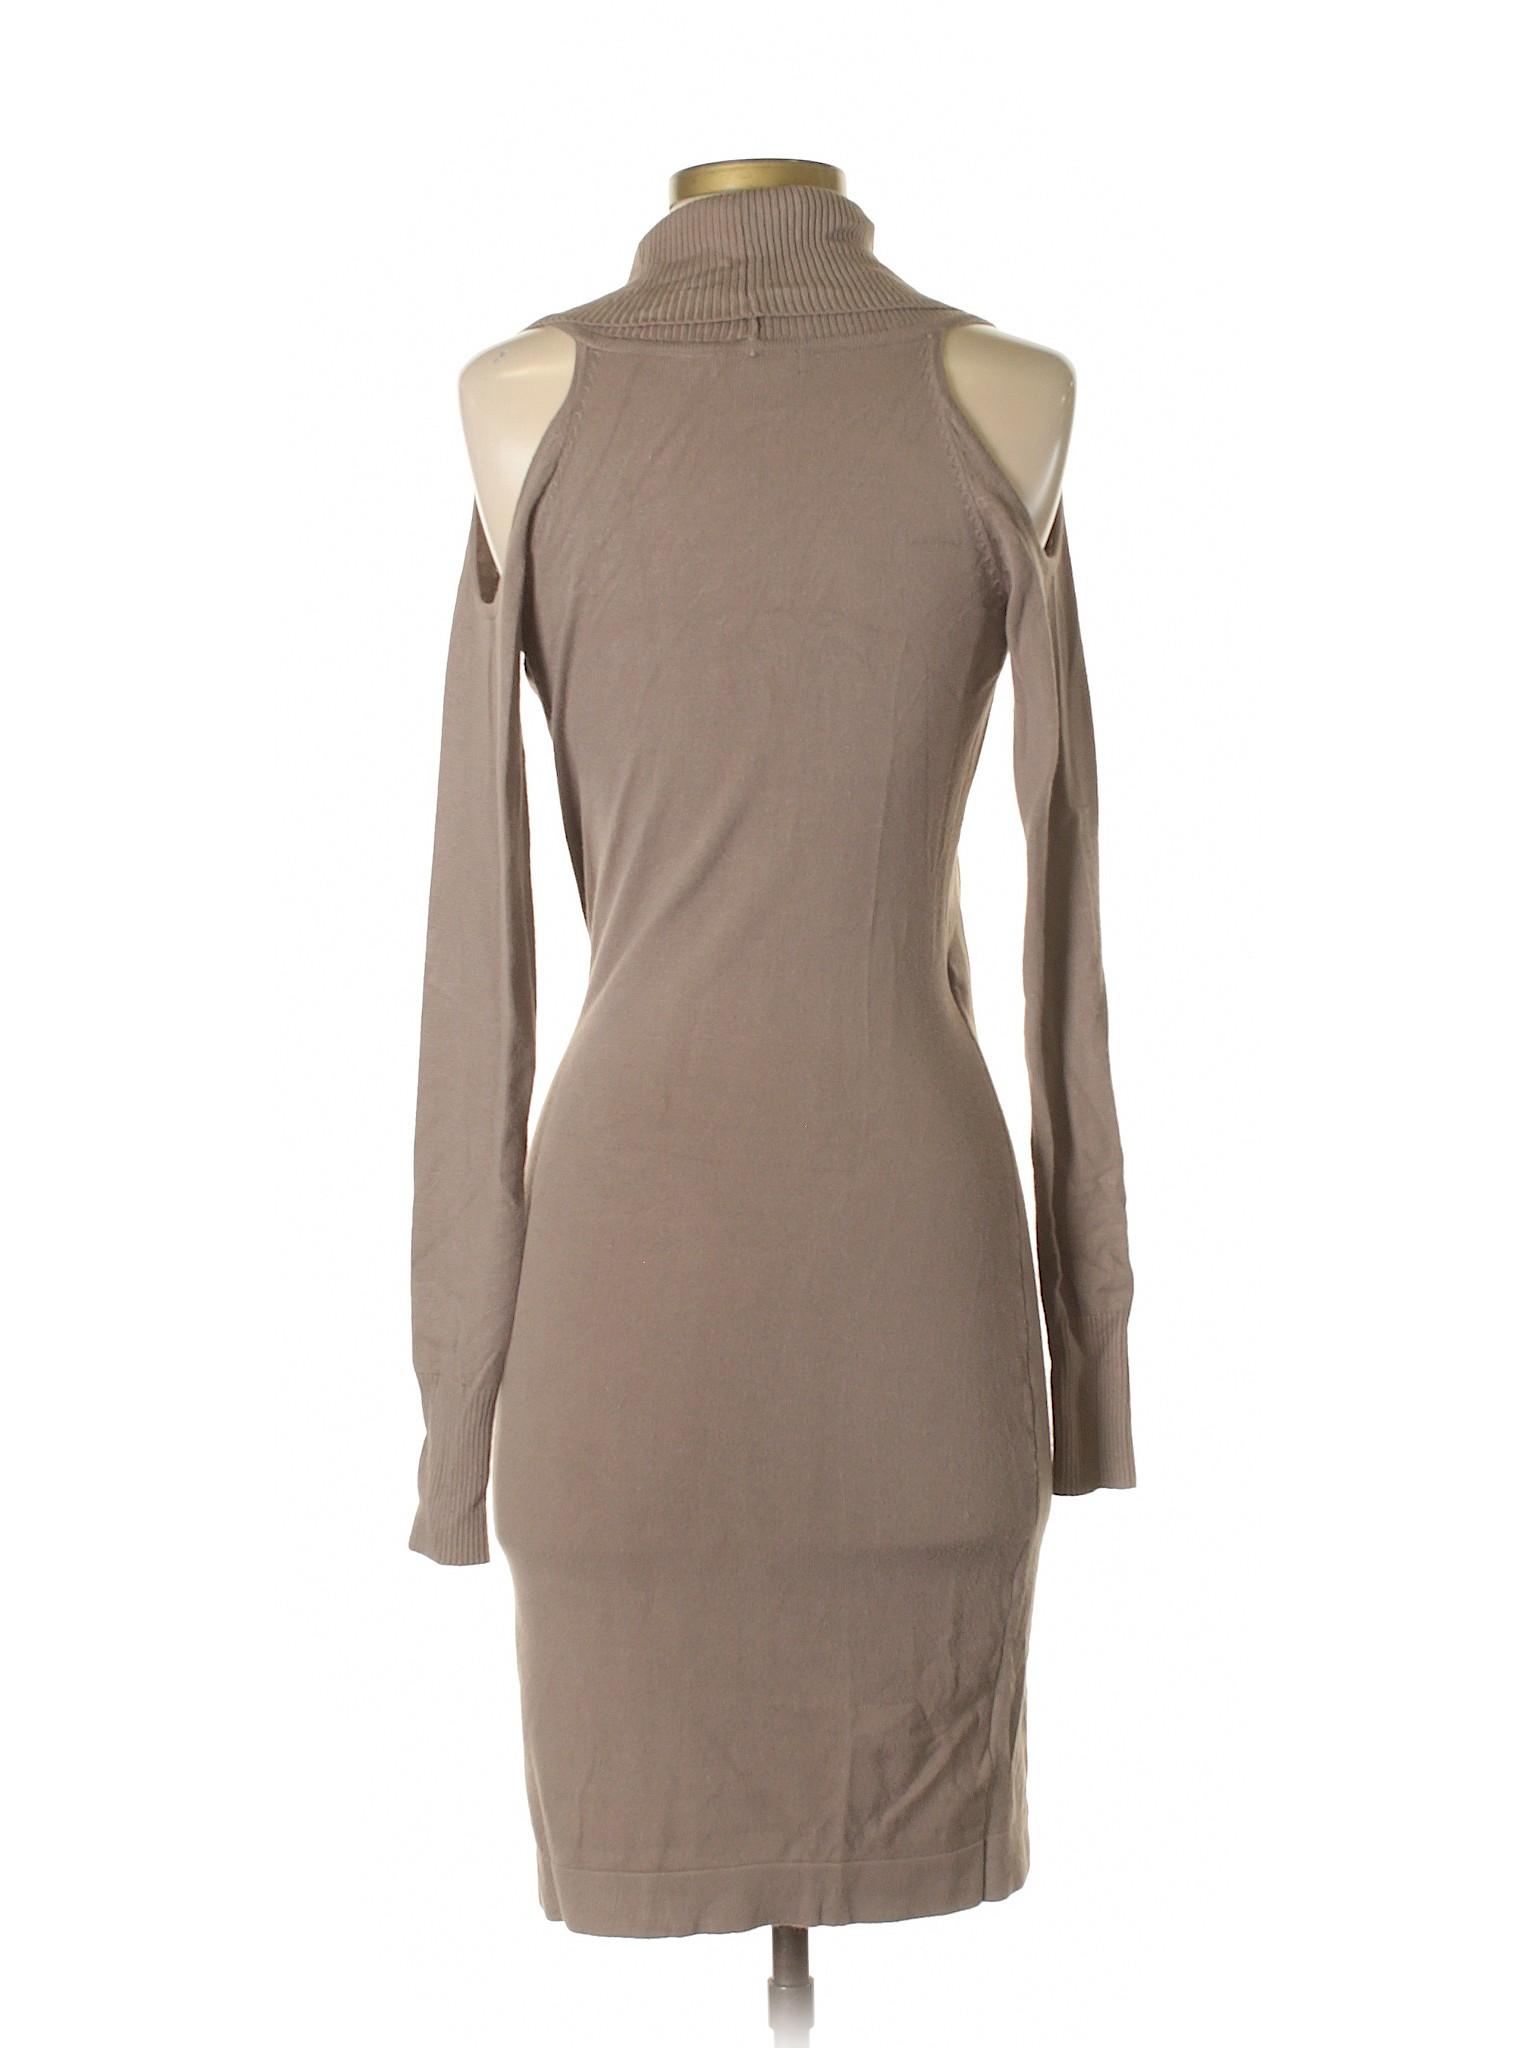 Venus Boutique Boutique winter winter Dress Casual Uq4qtxr